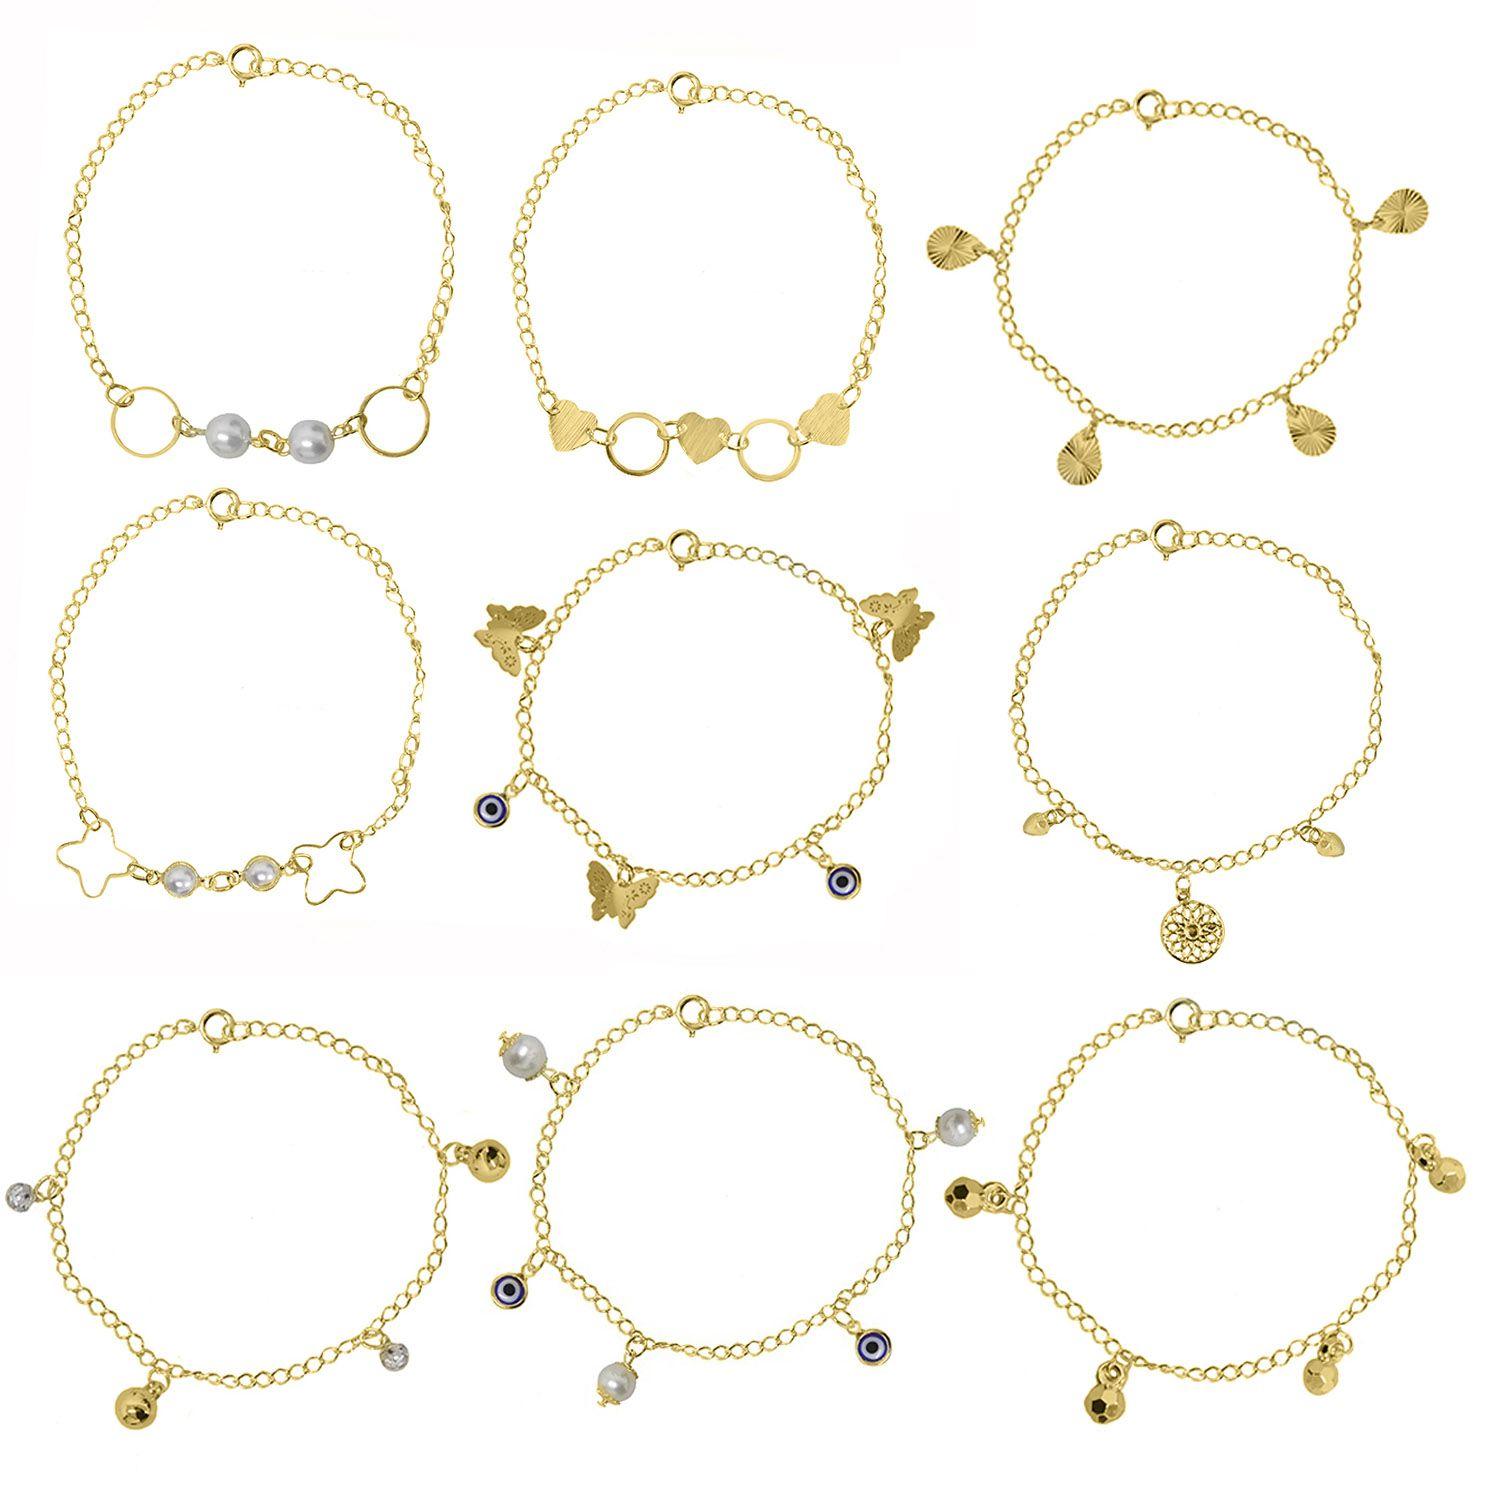 Kit Atacado 8 anéis, 8 pulseiras e 8 Gargantilhas Folheadas para Revenda